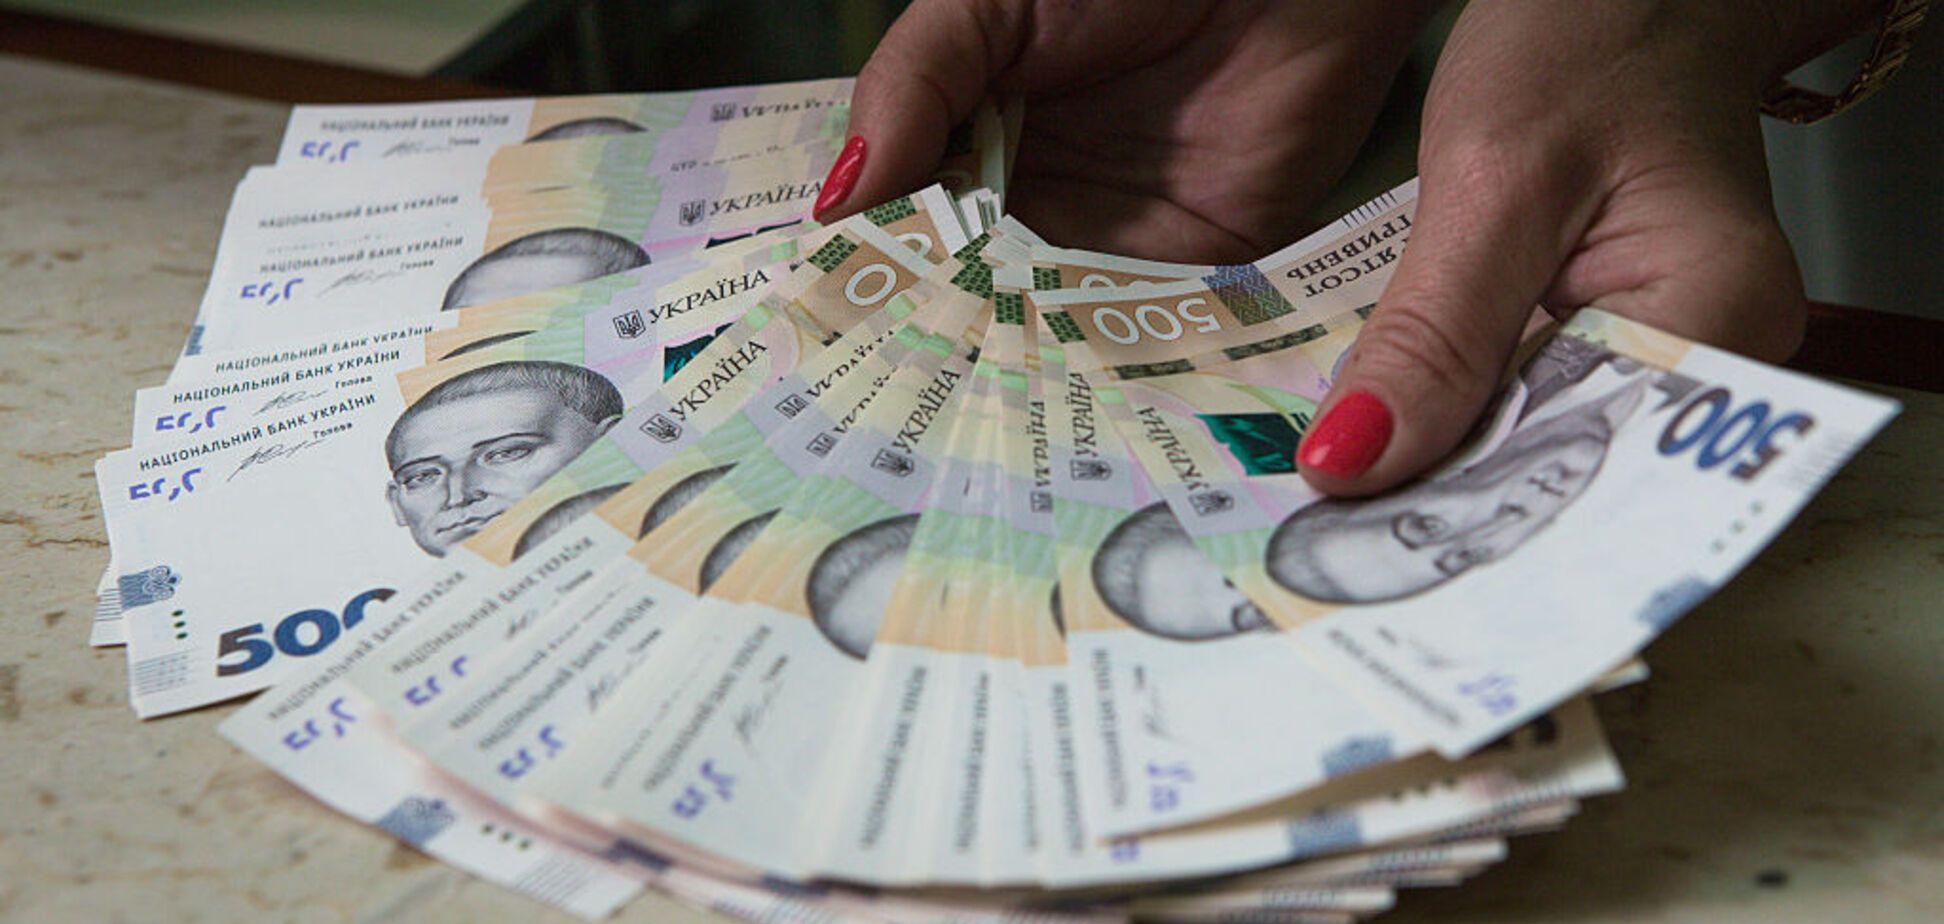 У Раді хочуть підняти зарплати нардепам: скільки вони отримуватимуть